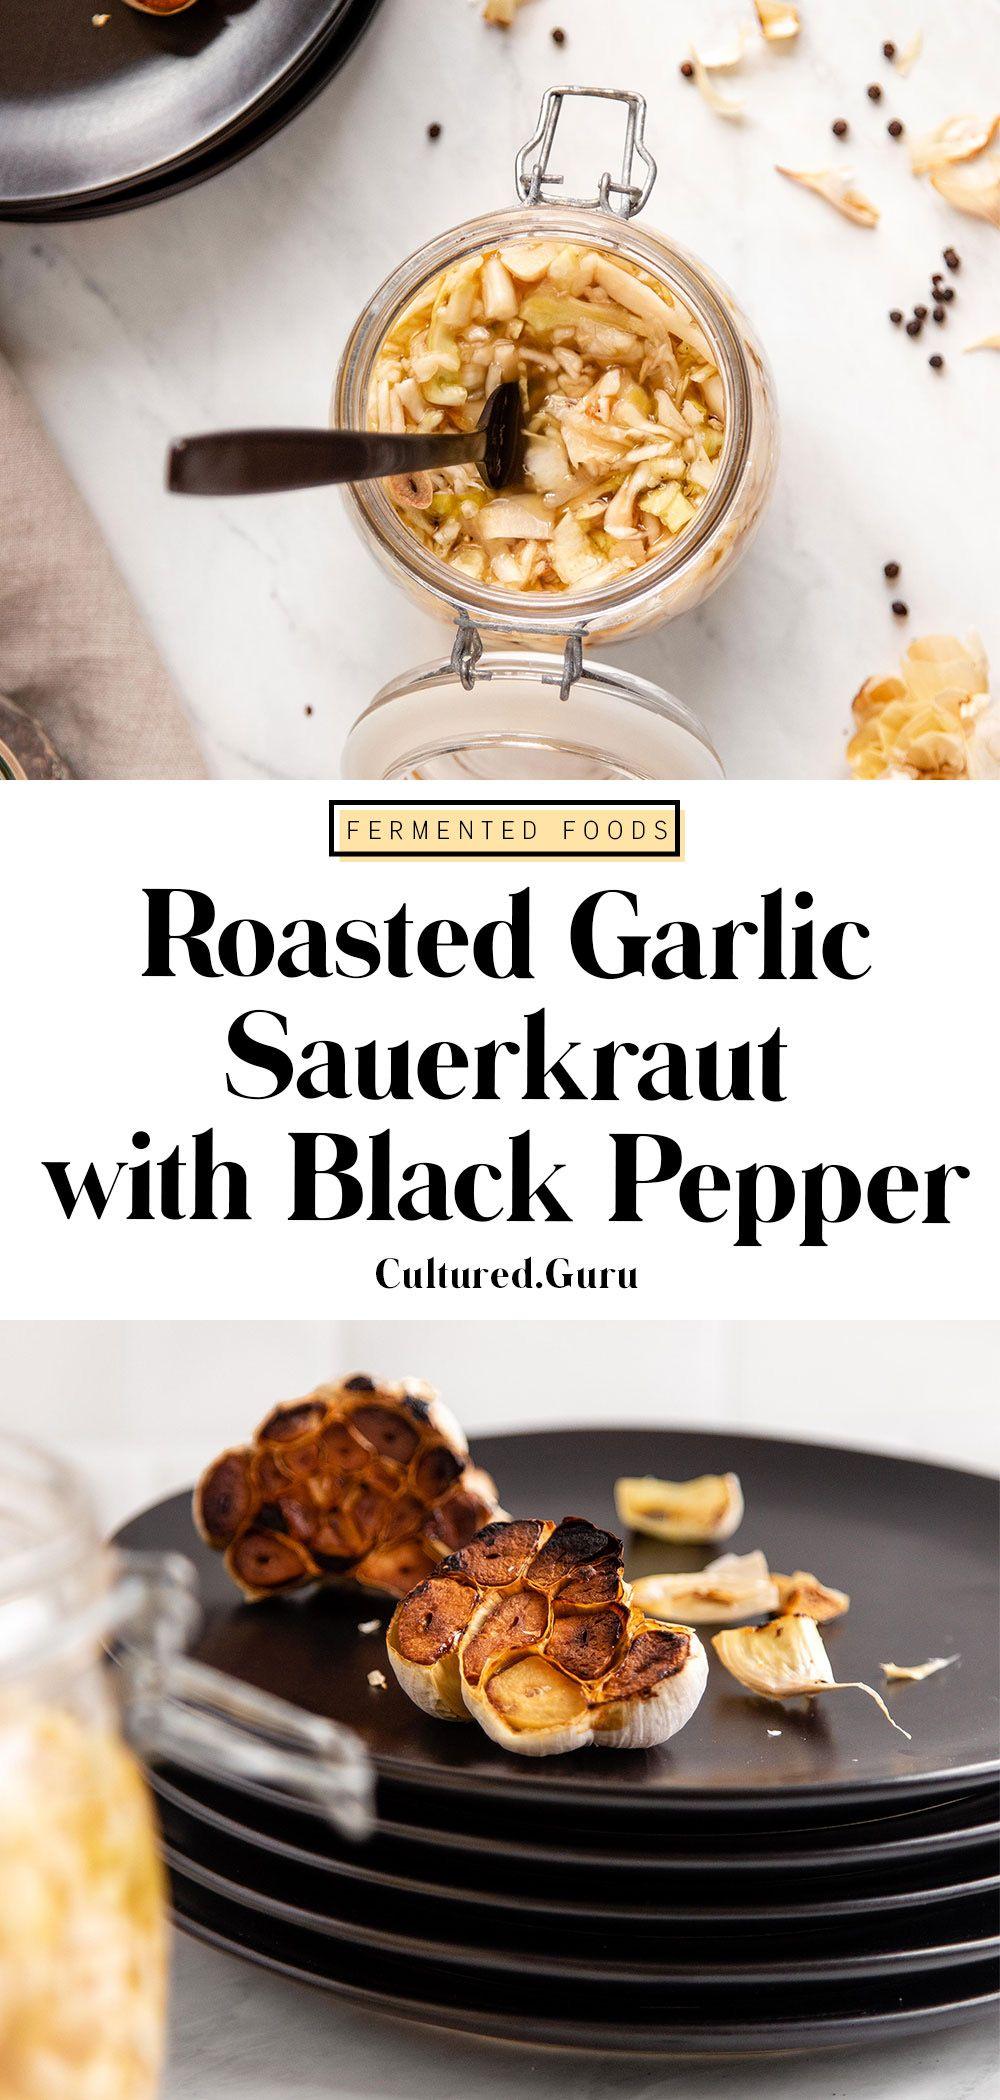 Roasted Garlic Sauerkraut With Black Pepper Cultured Guru Recipe In 2020 Roasted Garlic Stuffed Peppers Fermented Sauerkraut